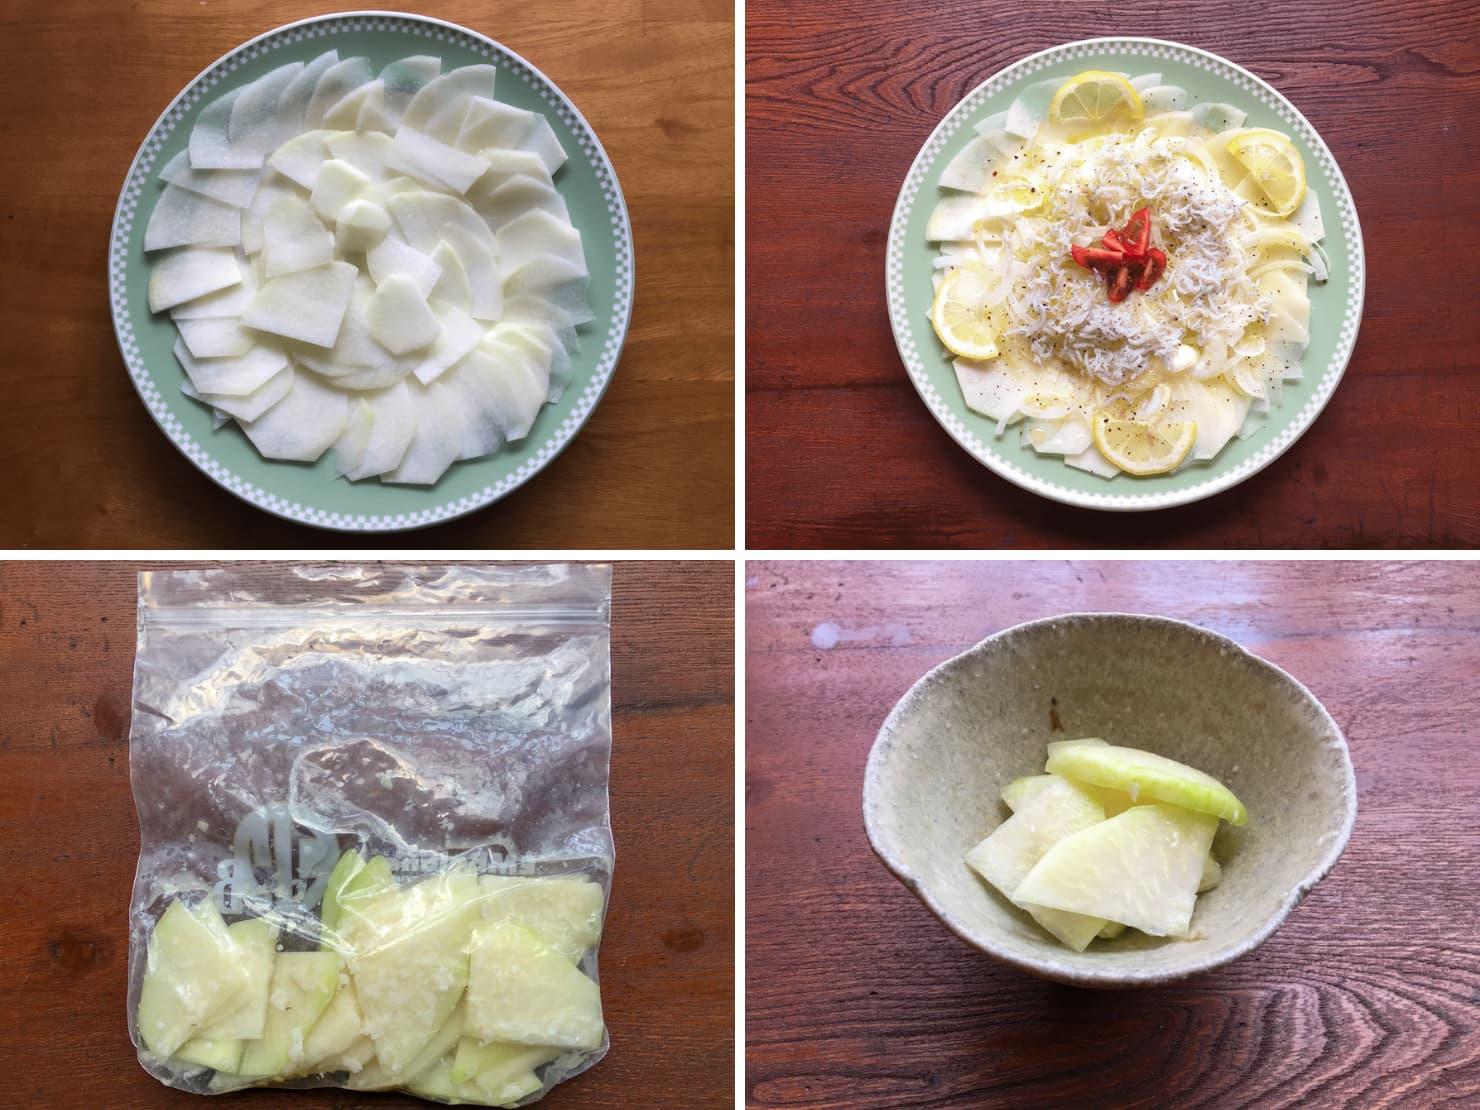 コールラビを生で食べる料理の写真